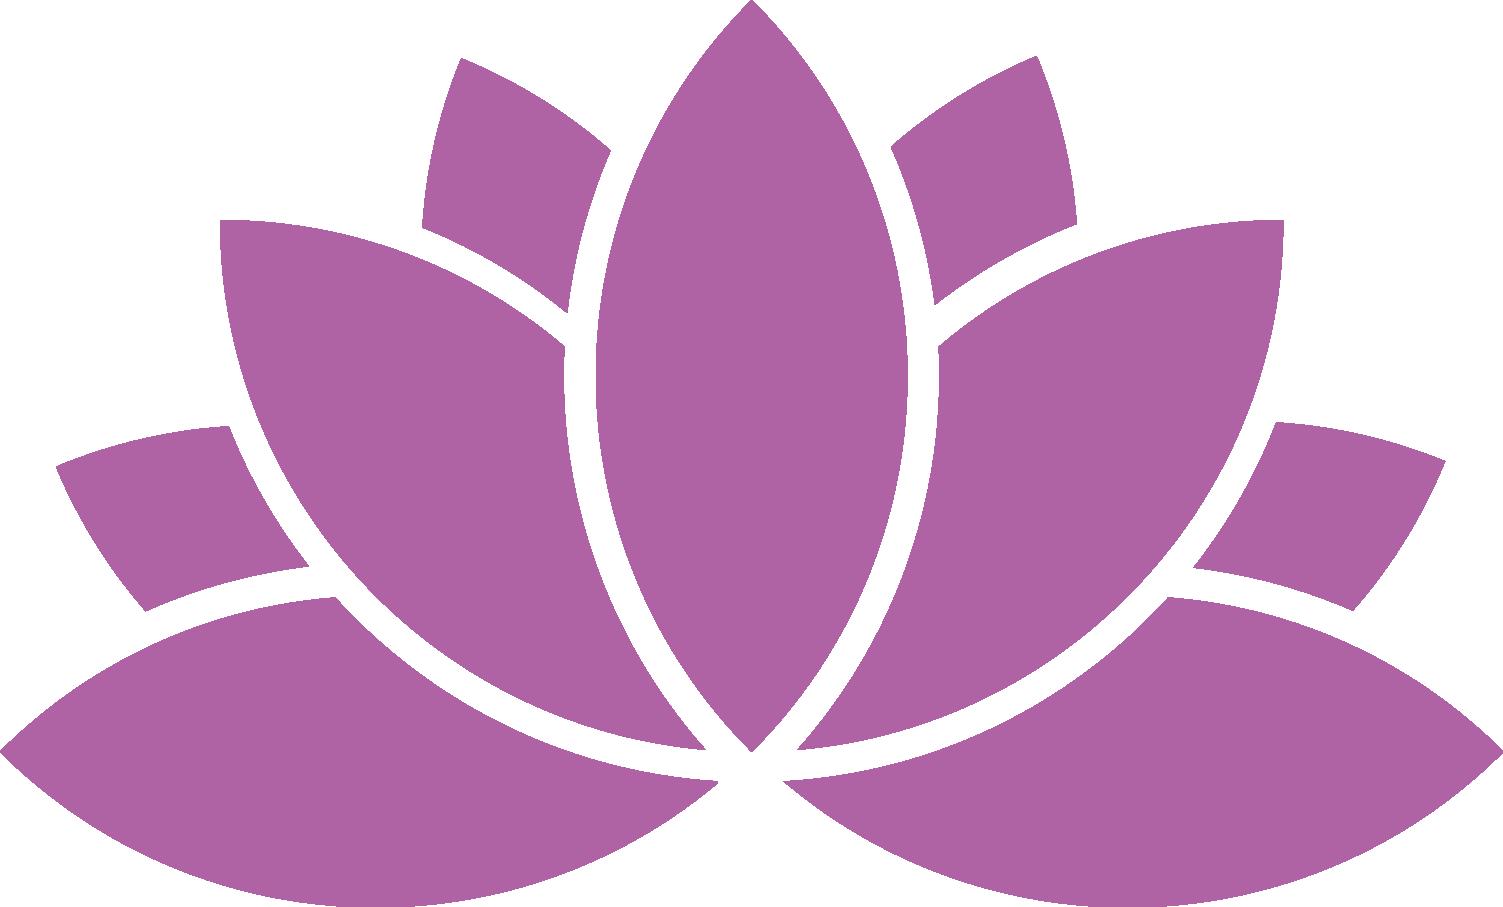 травы картинки для эмблемы цветок здоровье, том, как